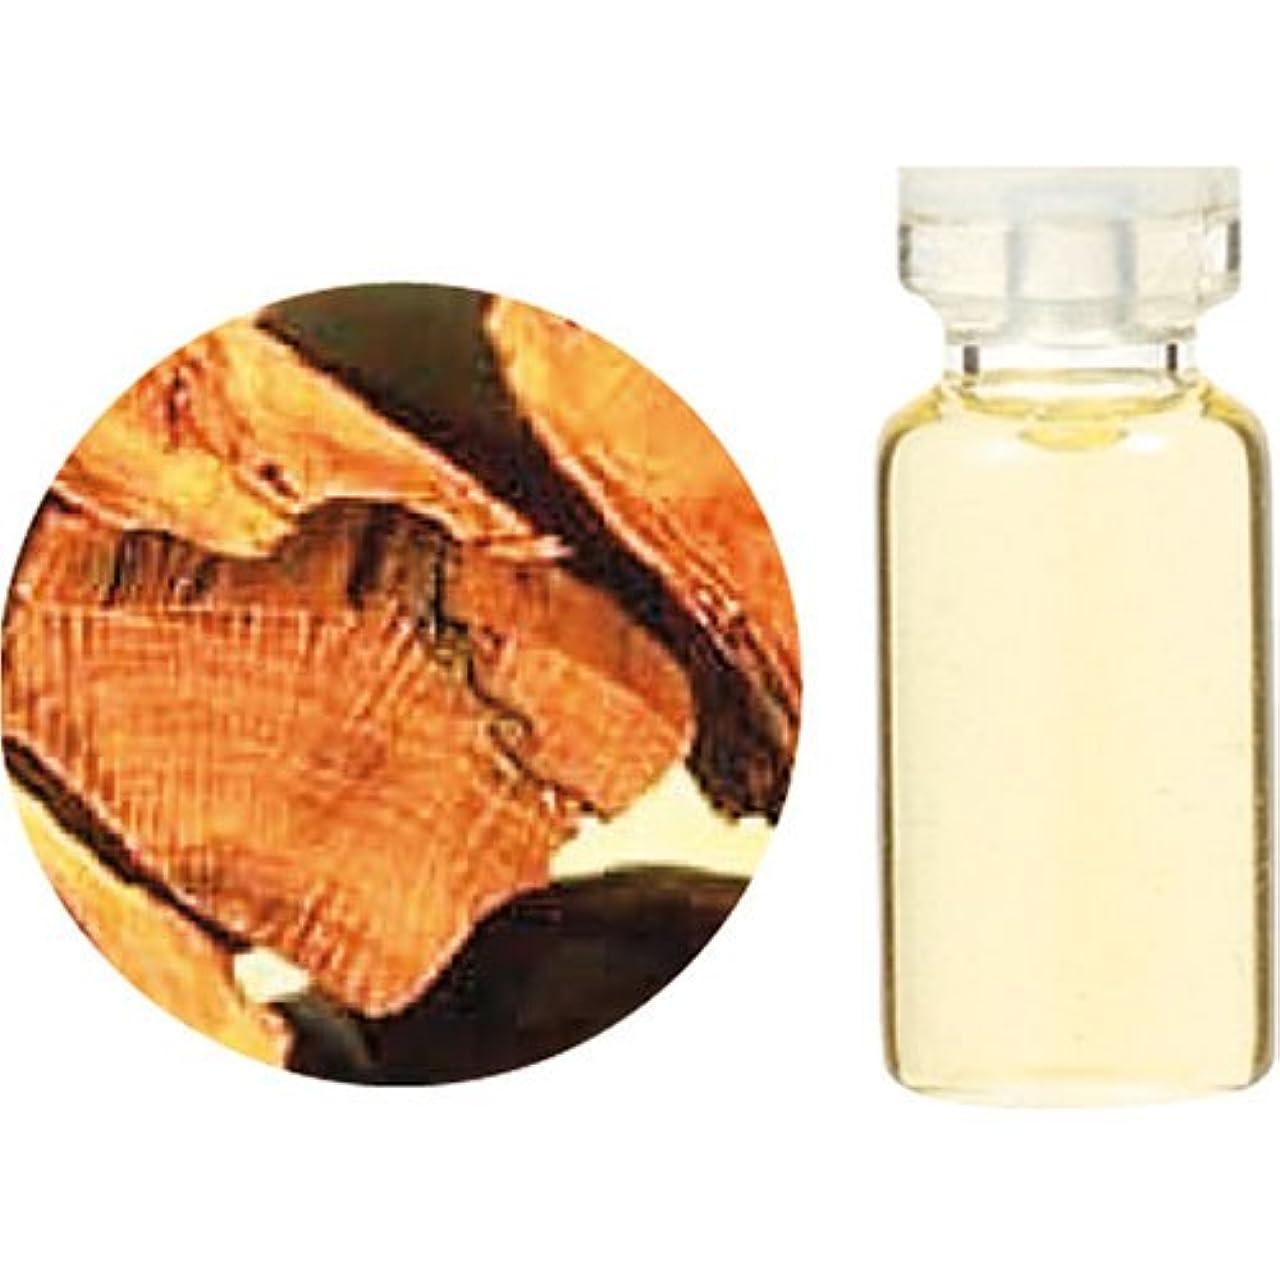 乳安全性メイド生活の木 エッセンシャルオイル サンダルウッド 10ml